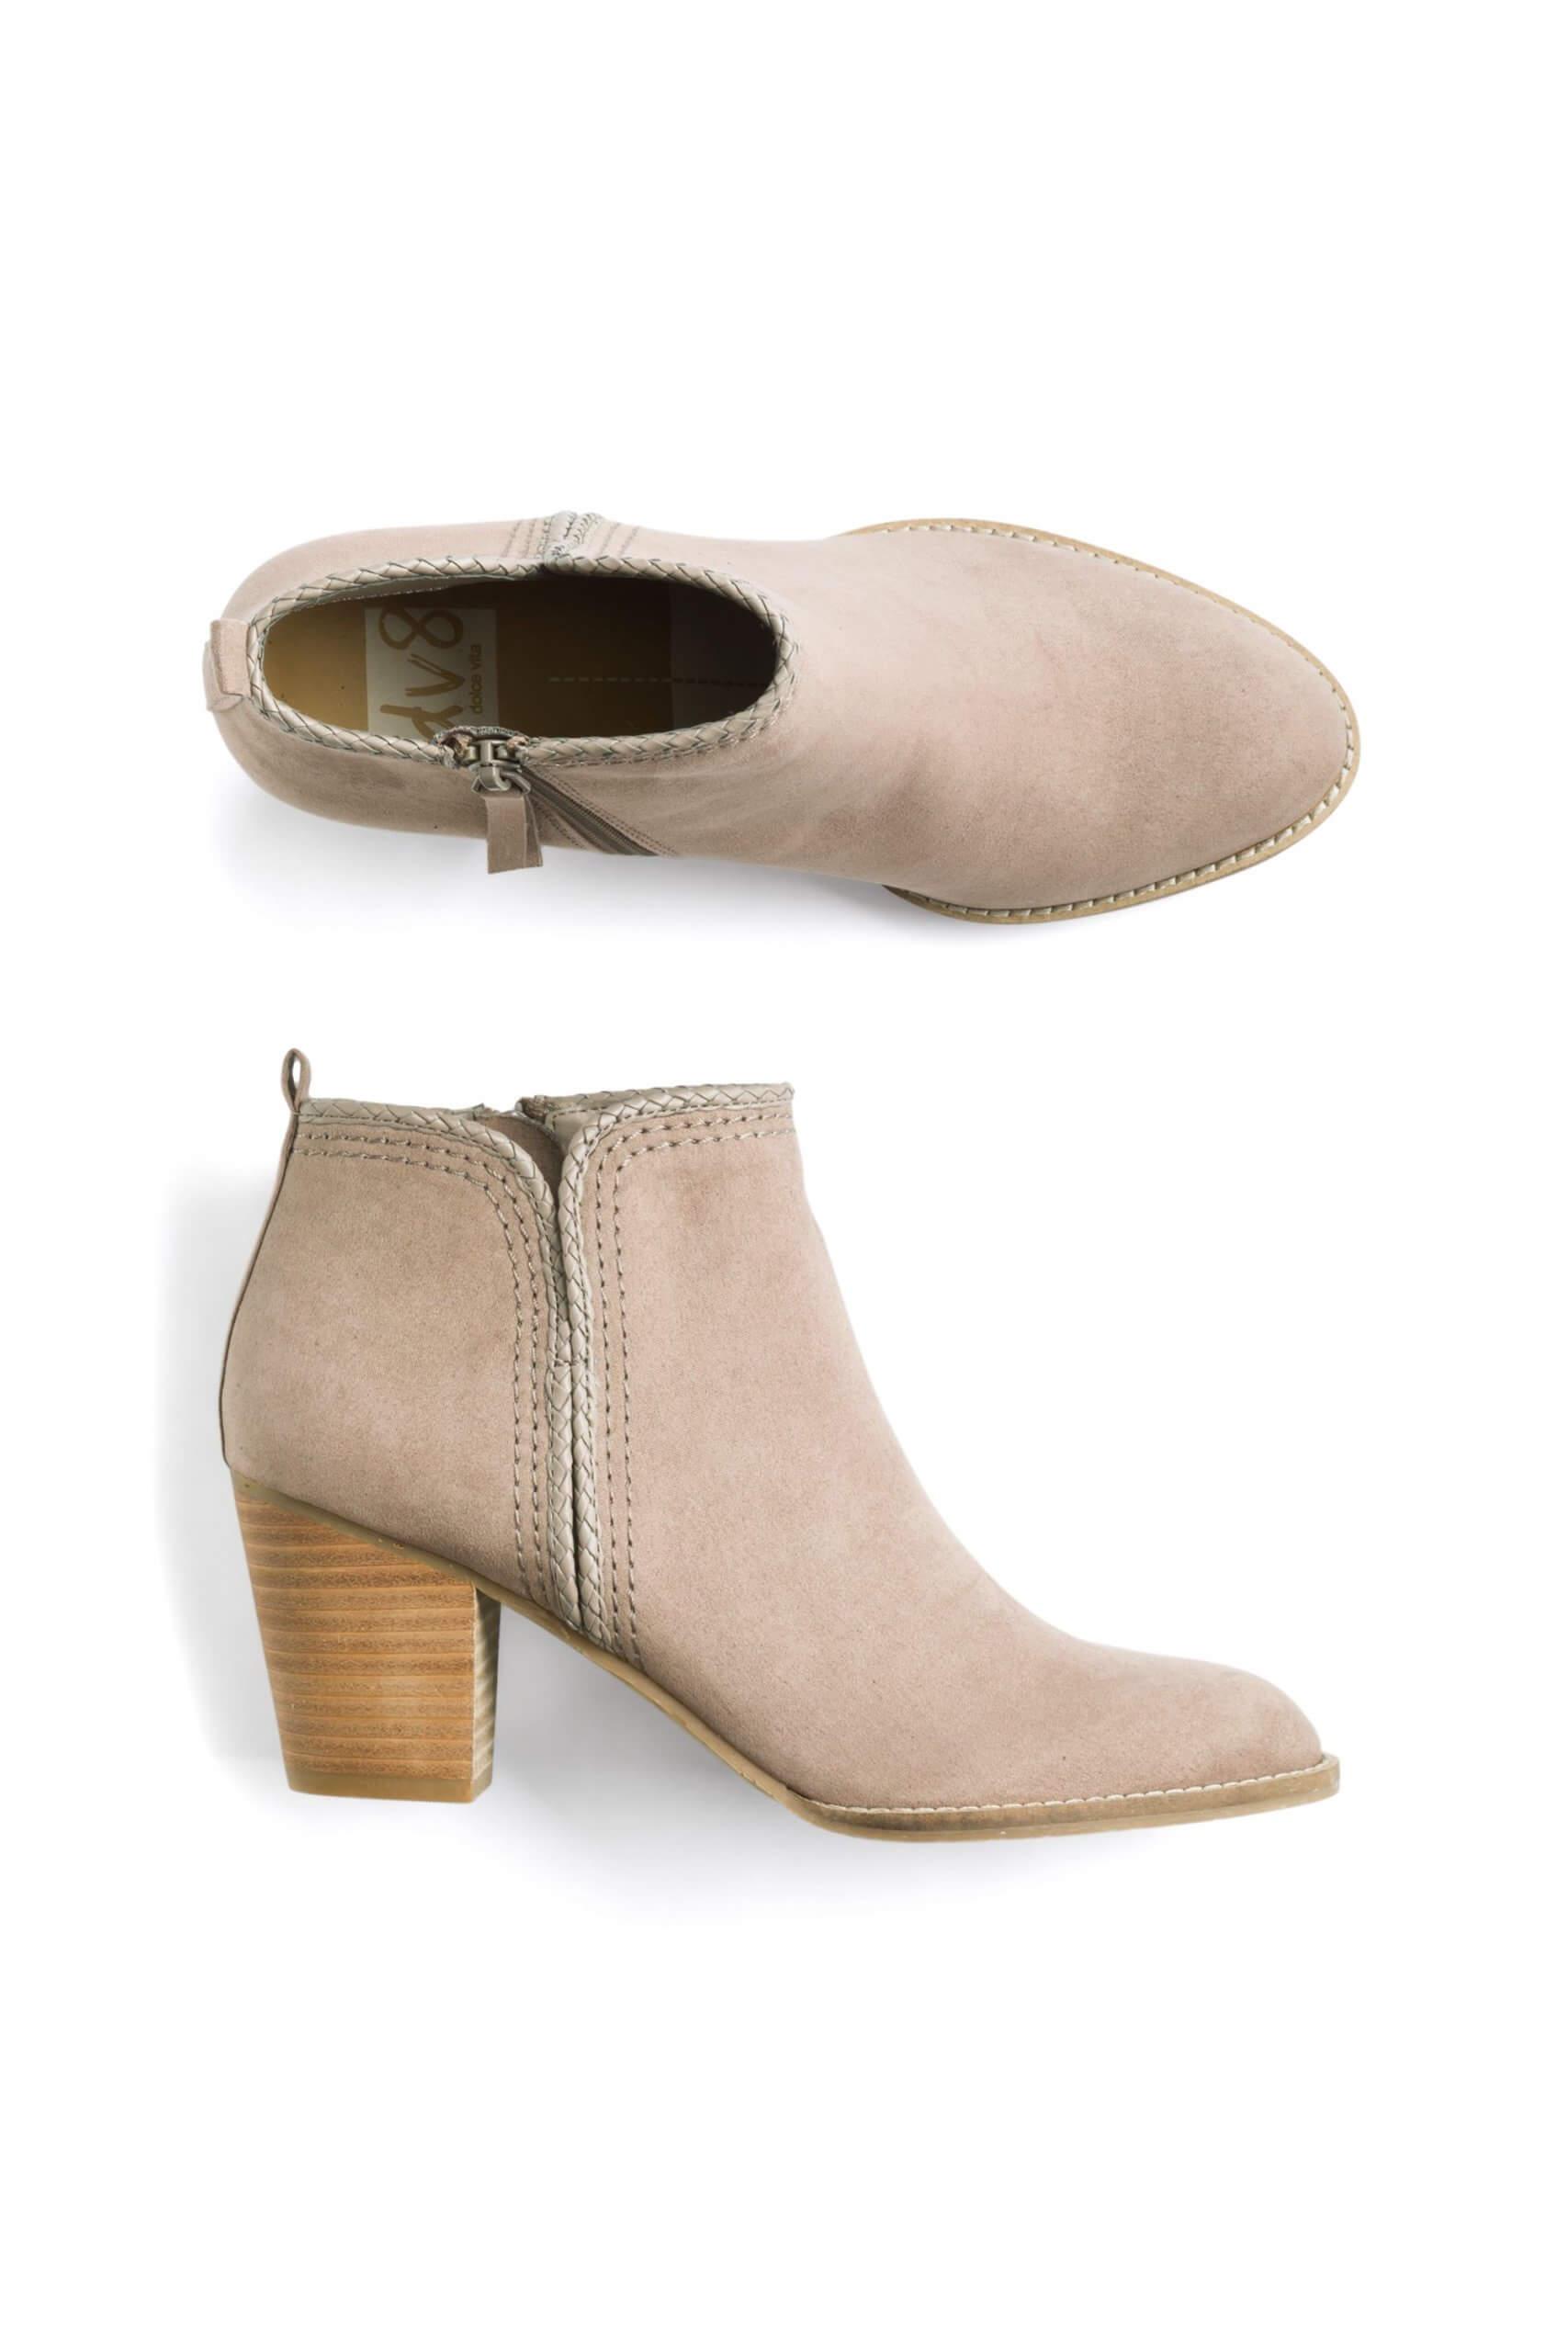 Stitch Fix Women's tan block heel booties.